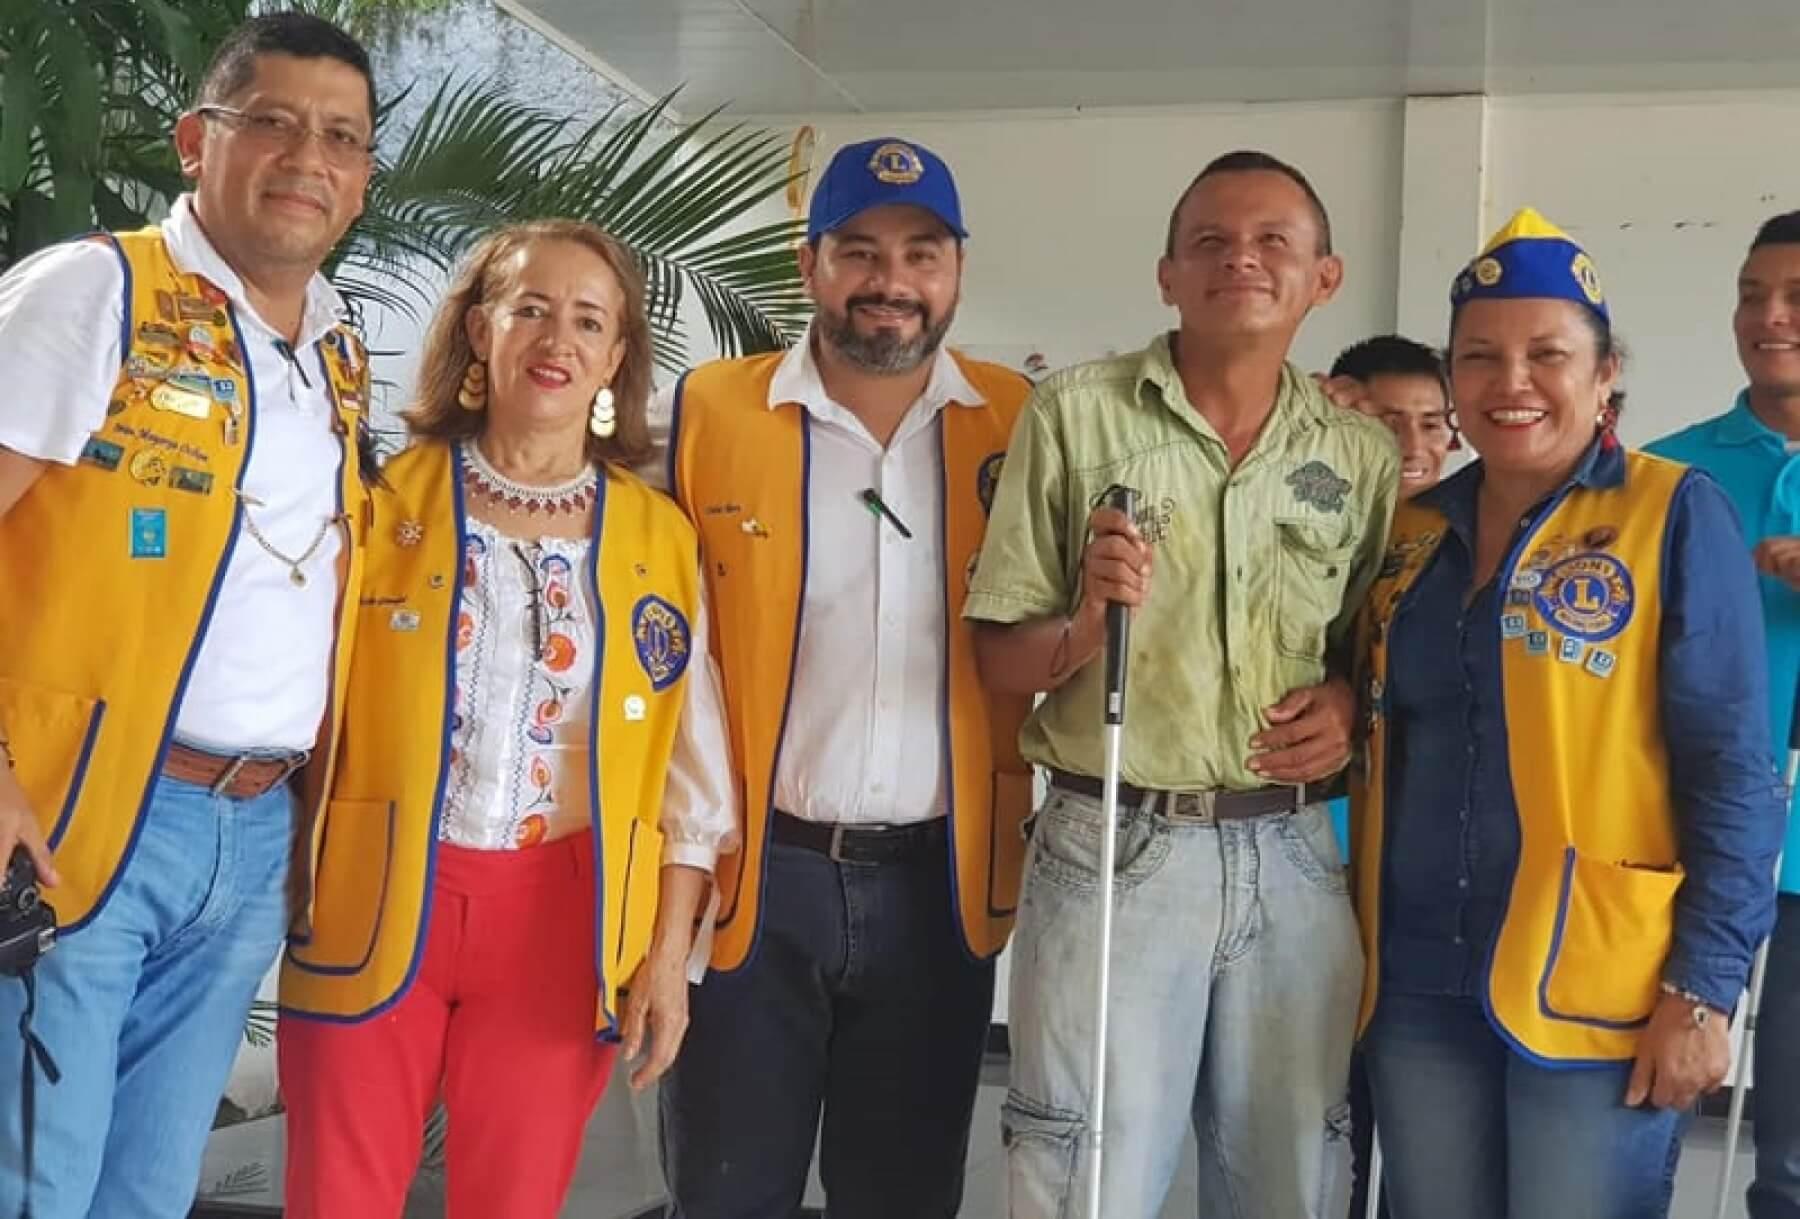 Club de Leones entregó once bastones a personas con discapacidad visual. Carecían de apoyo para realizar sus desplazamientos.